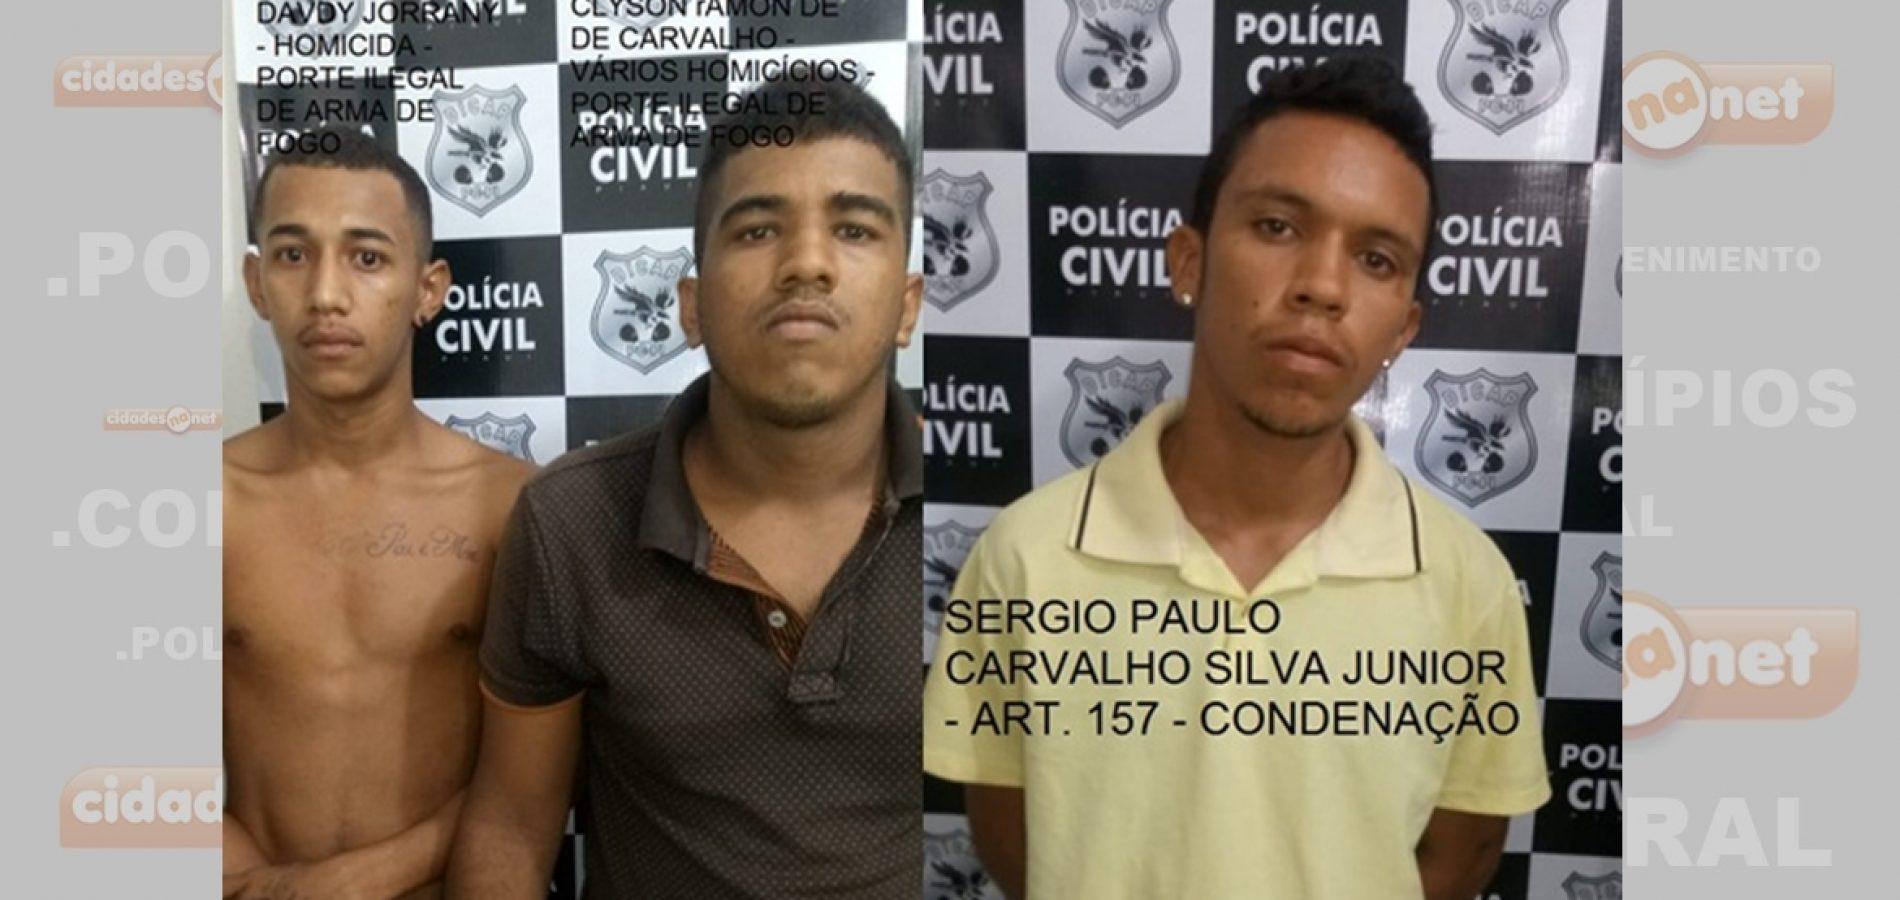 Acusados de homicídios trocam tiros com policias no Piauí